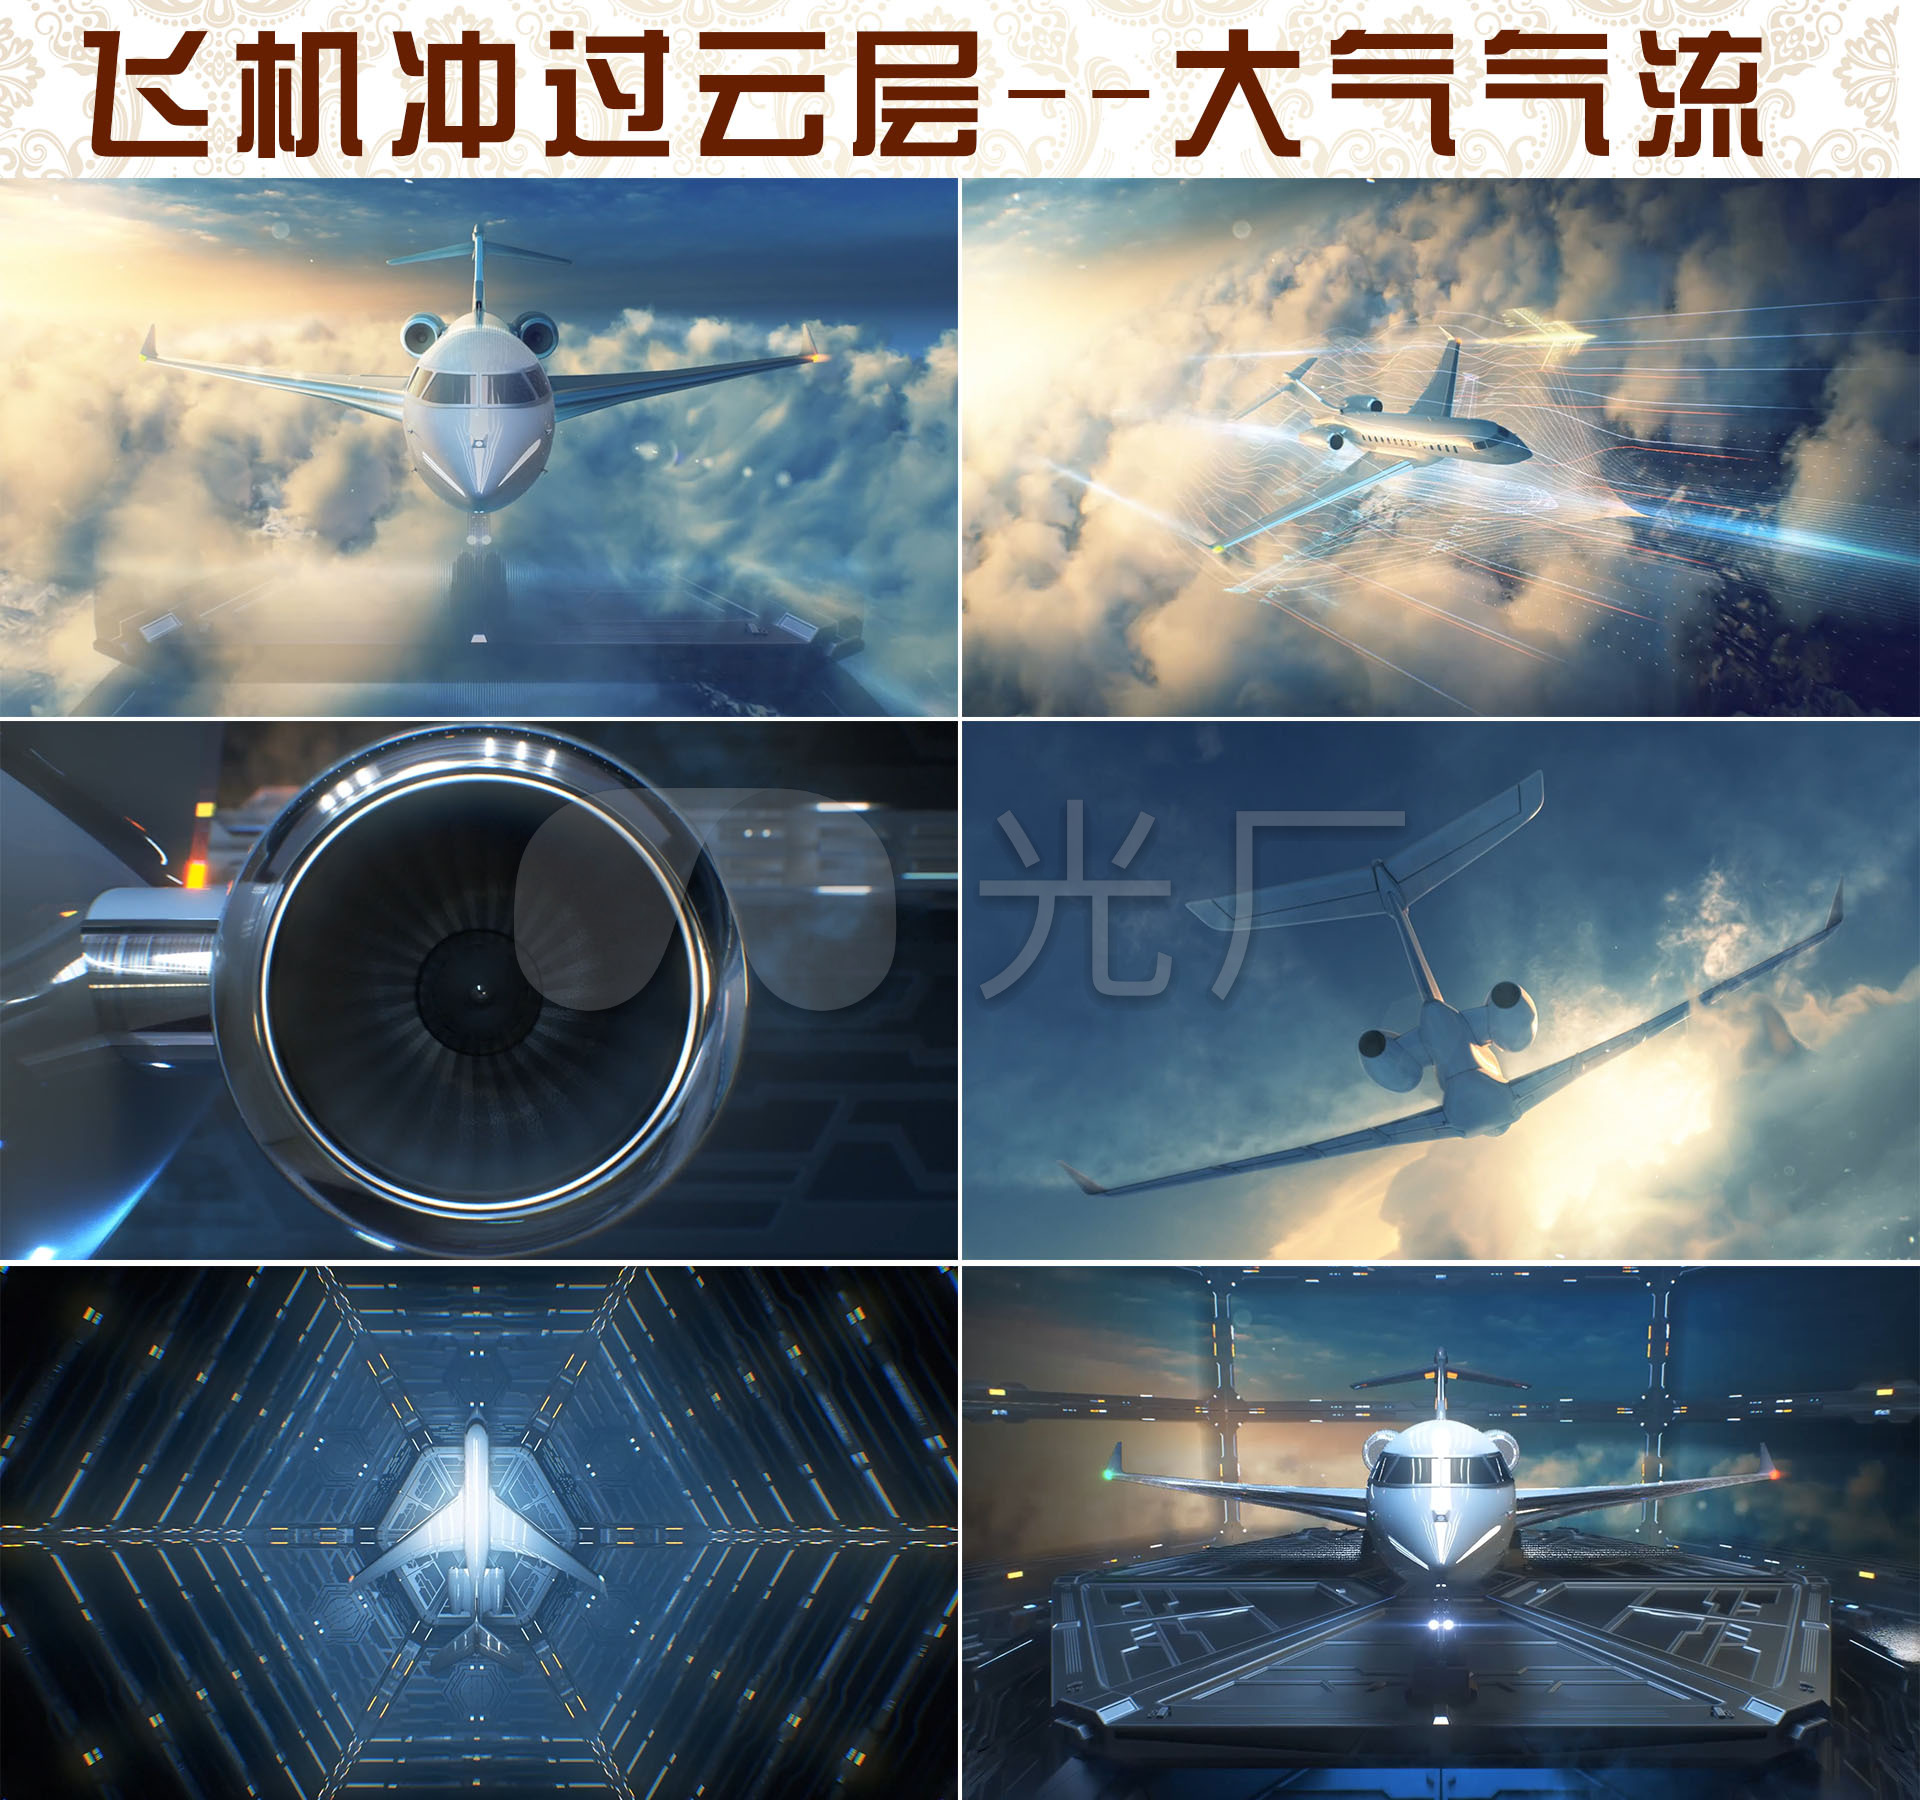 飞机冲过云霄飞机穿过云霄大飞机航天飞机大气层飞机研发航天科技冲